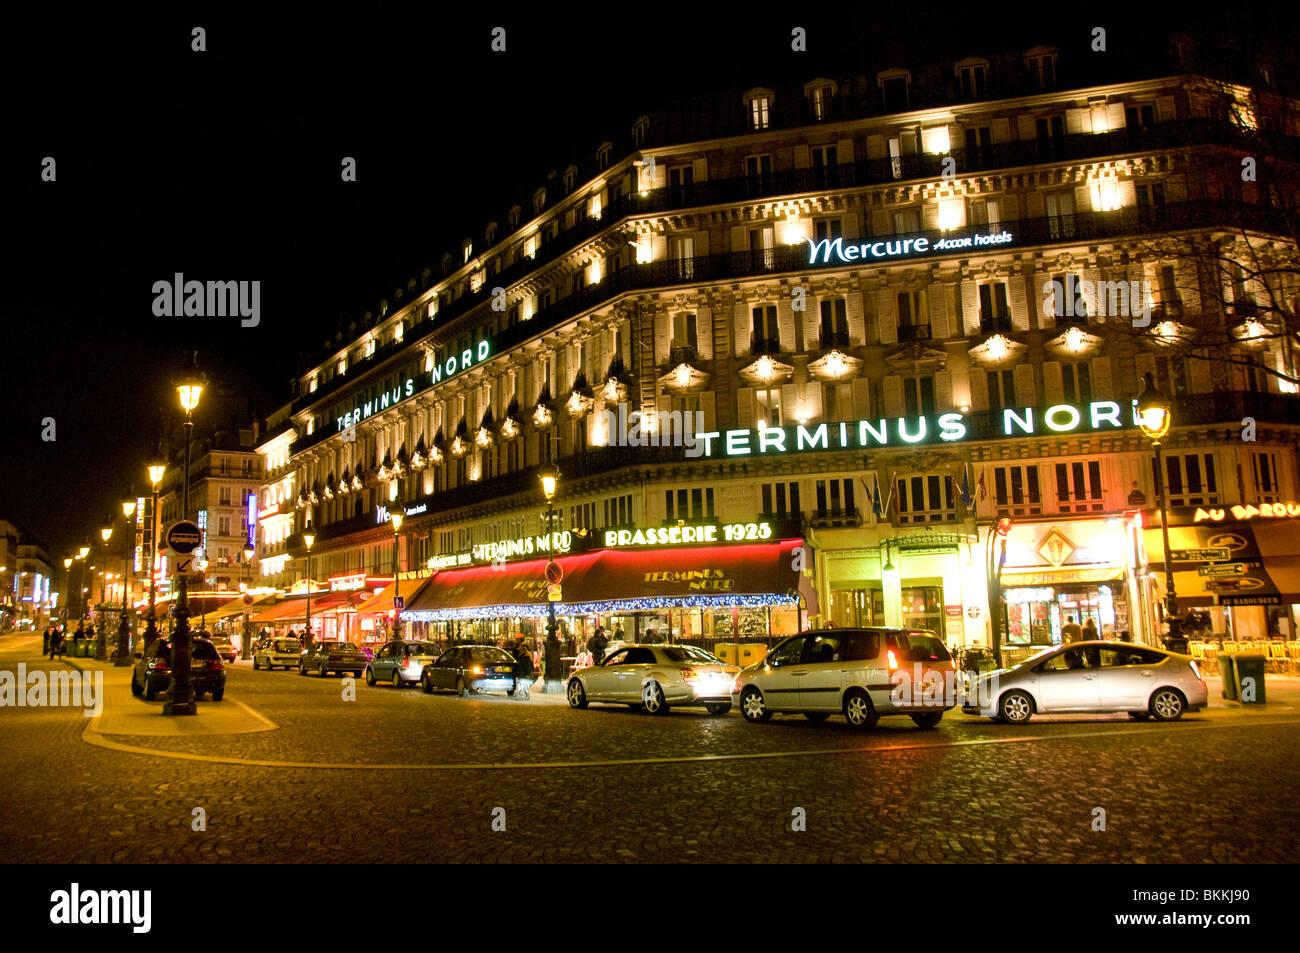 Terminus Nord außerhalb Gare du Nord in Paris Stockbild